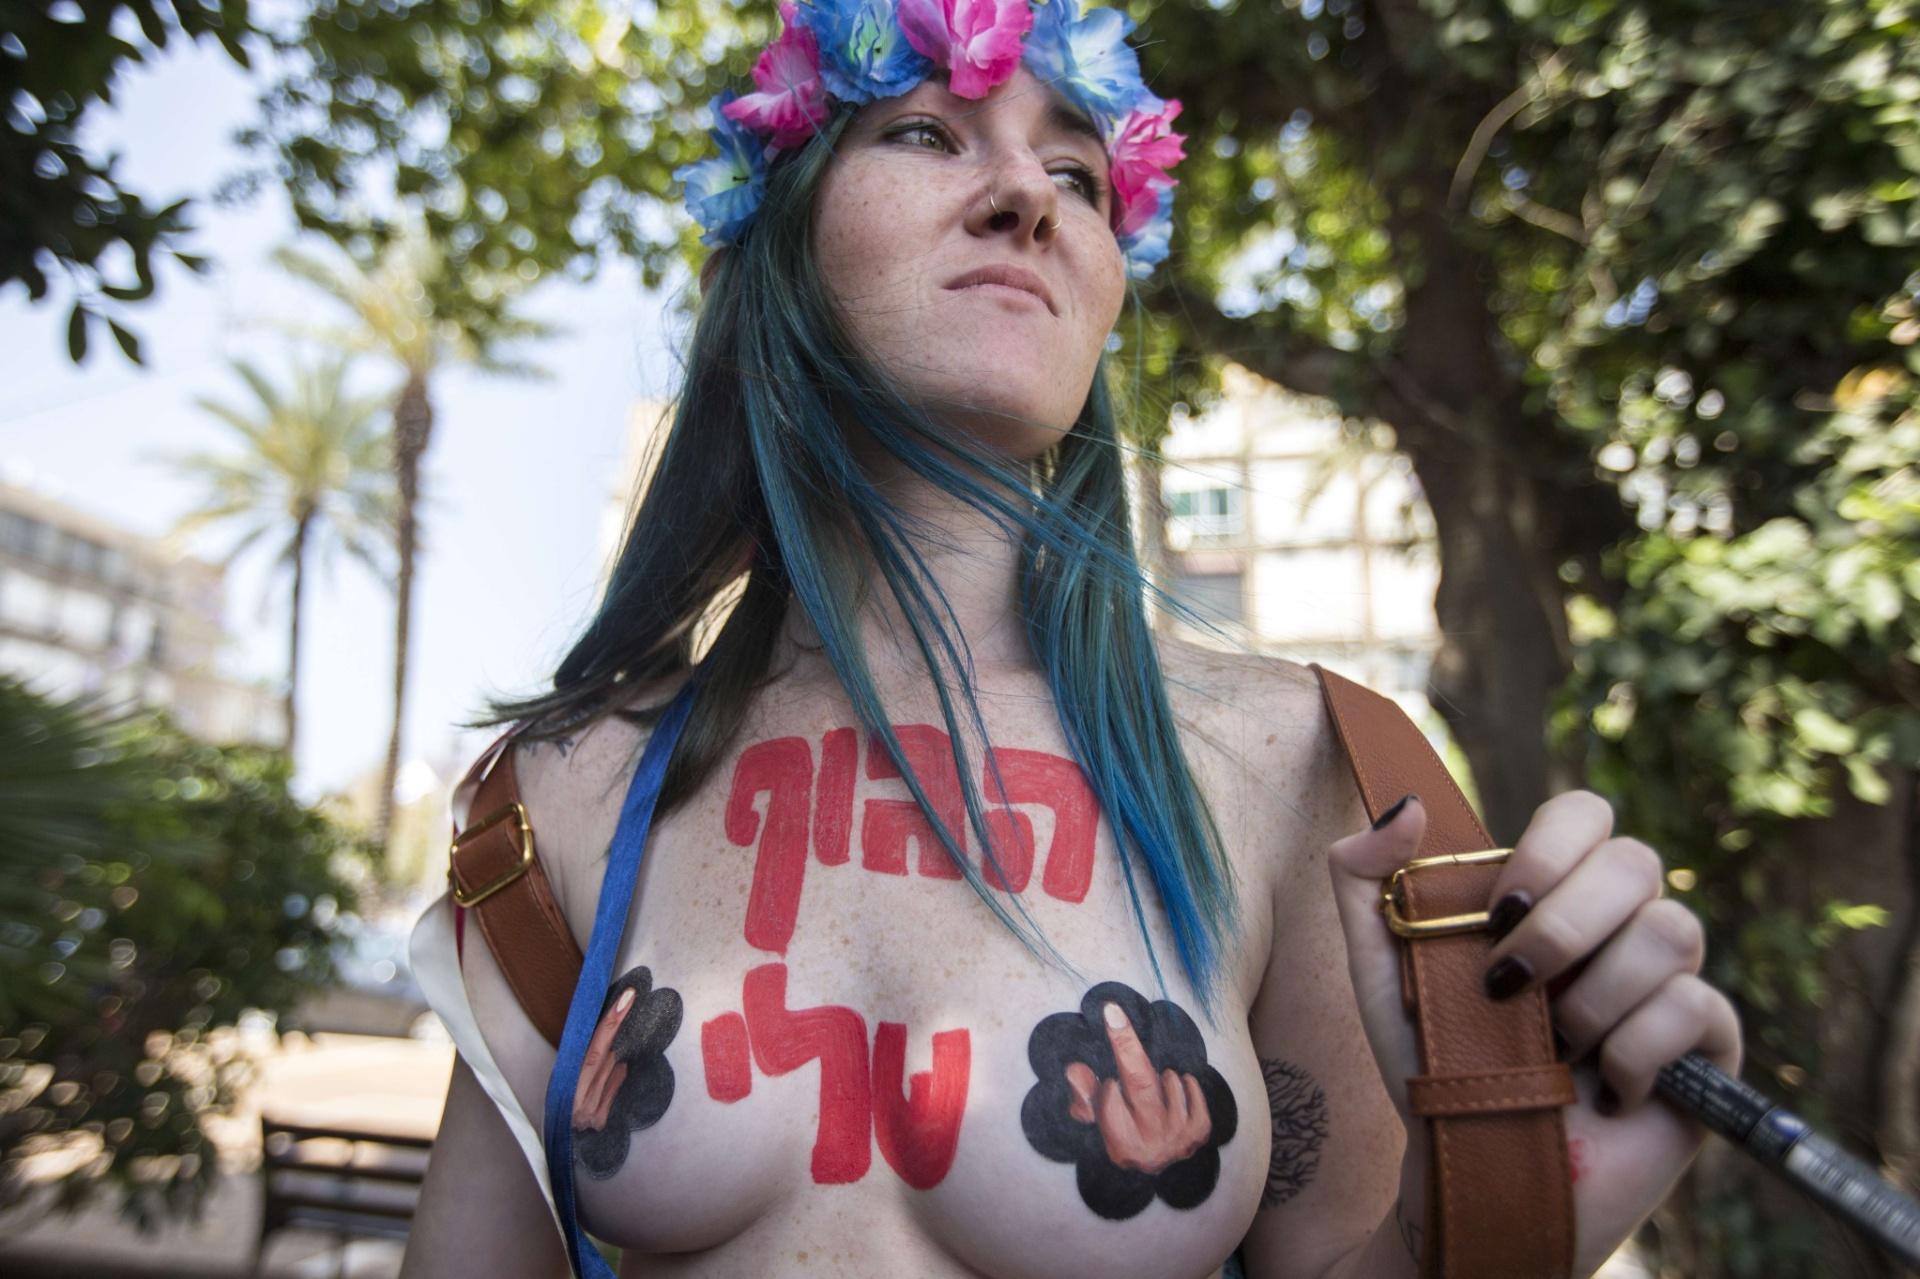 9.mai.2014 - Ativistas do Femen fazem protesto por mais liberdade de expressão, em Tel Aviv, Israel